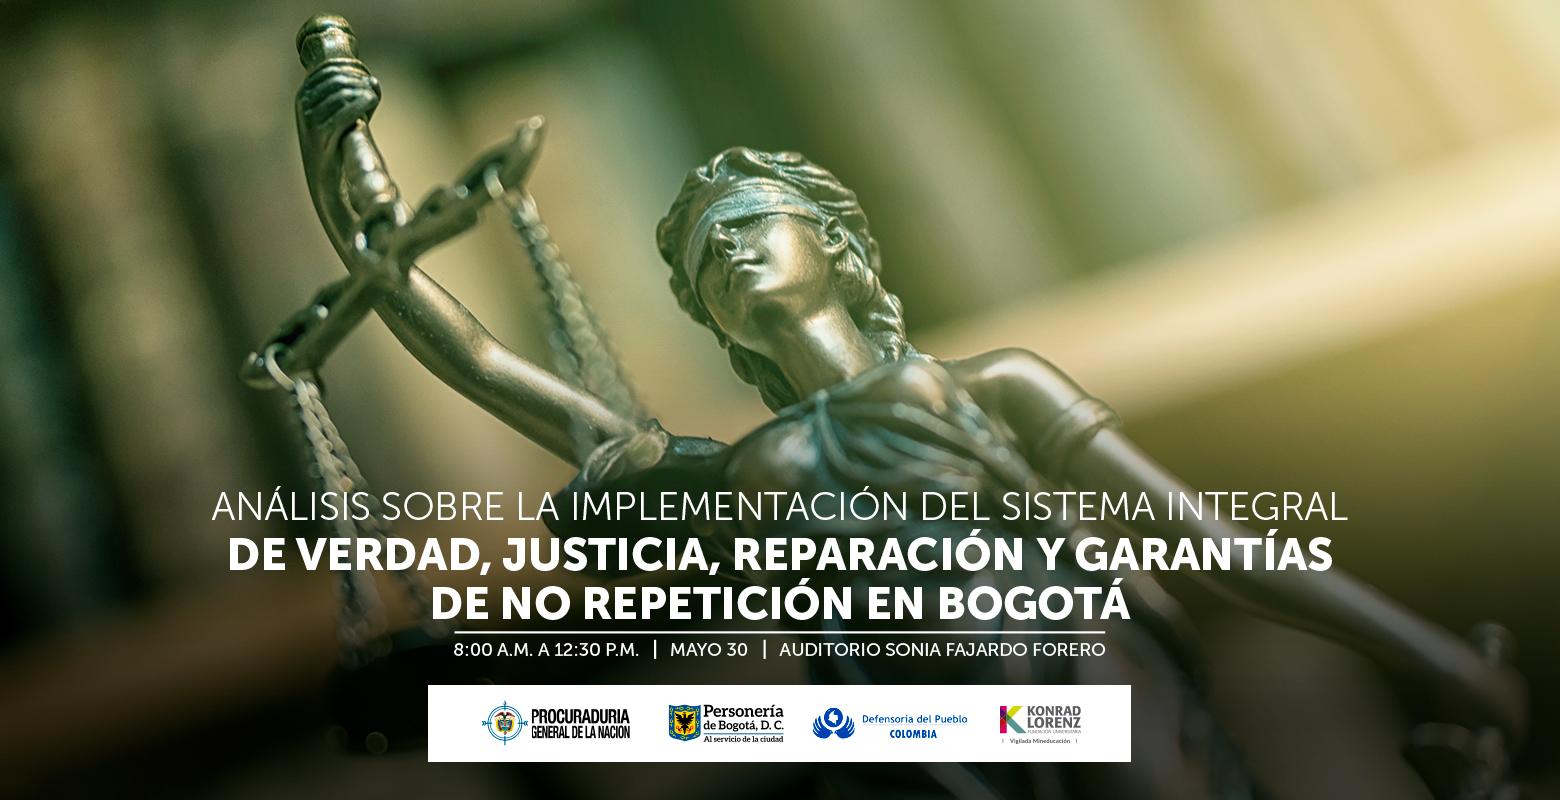 Análisis sobre la implementación del sistema integral de verdad, justicia, reparación y garantías de no repetición en Bogotá